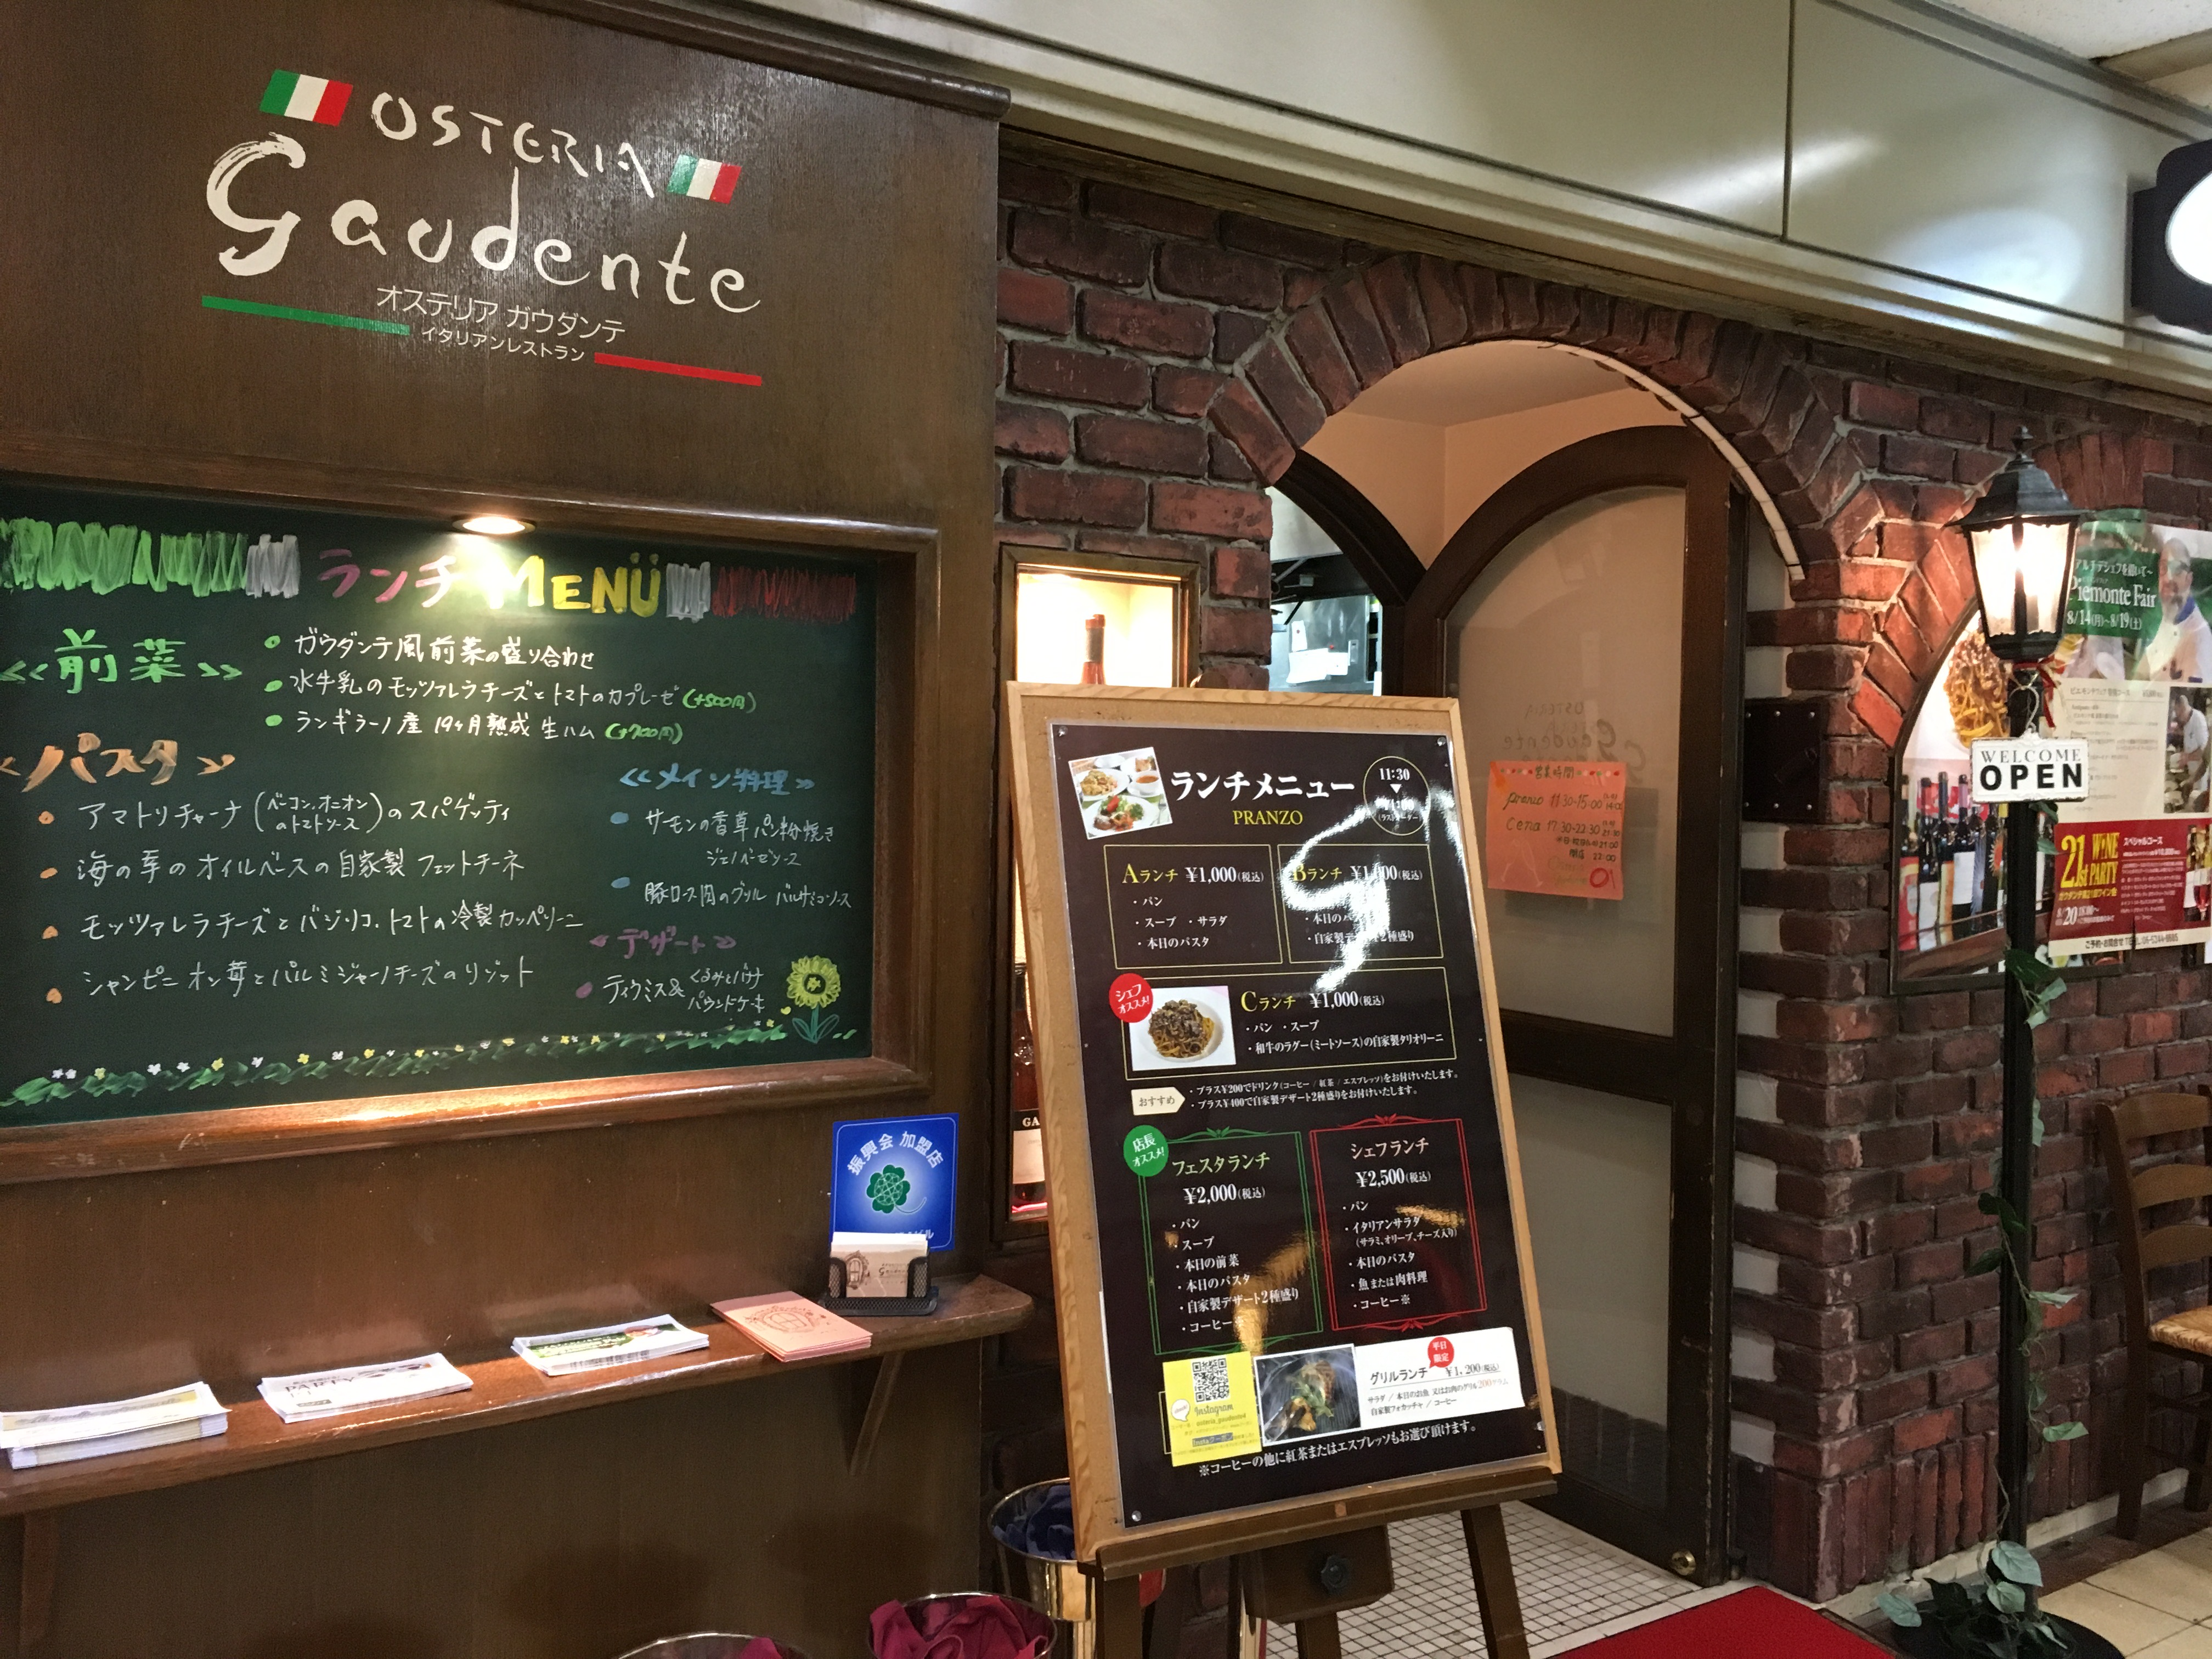 1,000円で大満足!オステリア ガウダンテ 大阪駅前第4ビル店 (OSTERIA Gaudente)